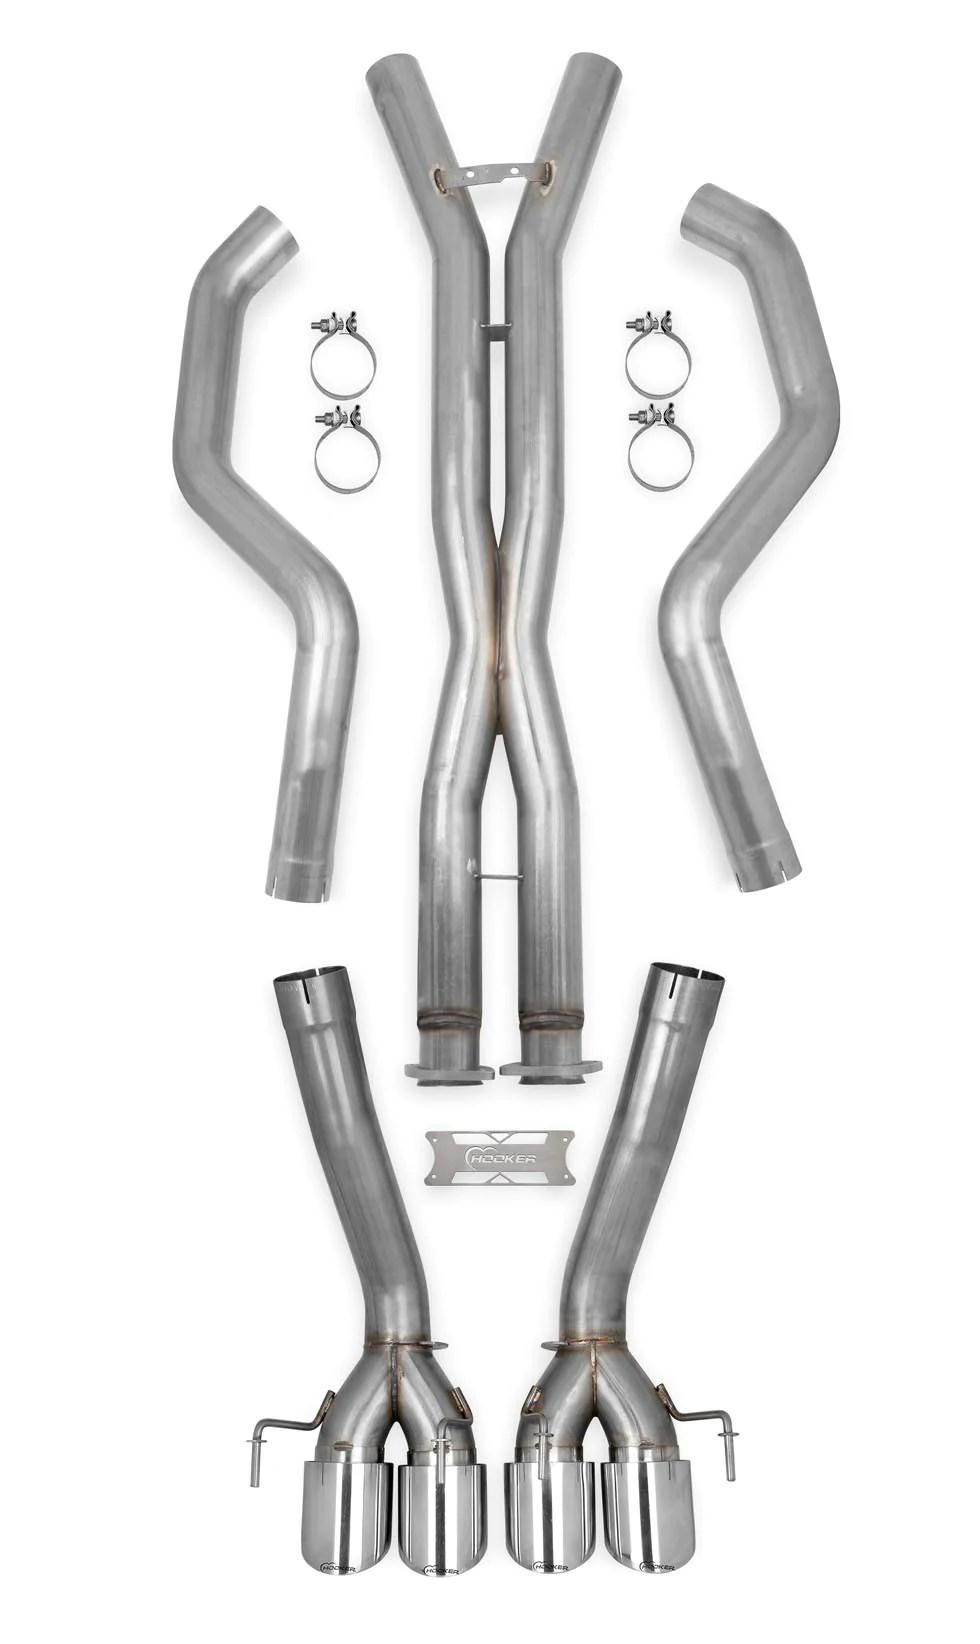 c6 corvette hooker blackheart straight pipes exhaust